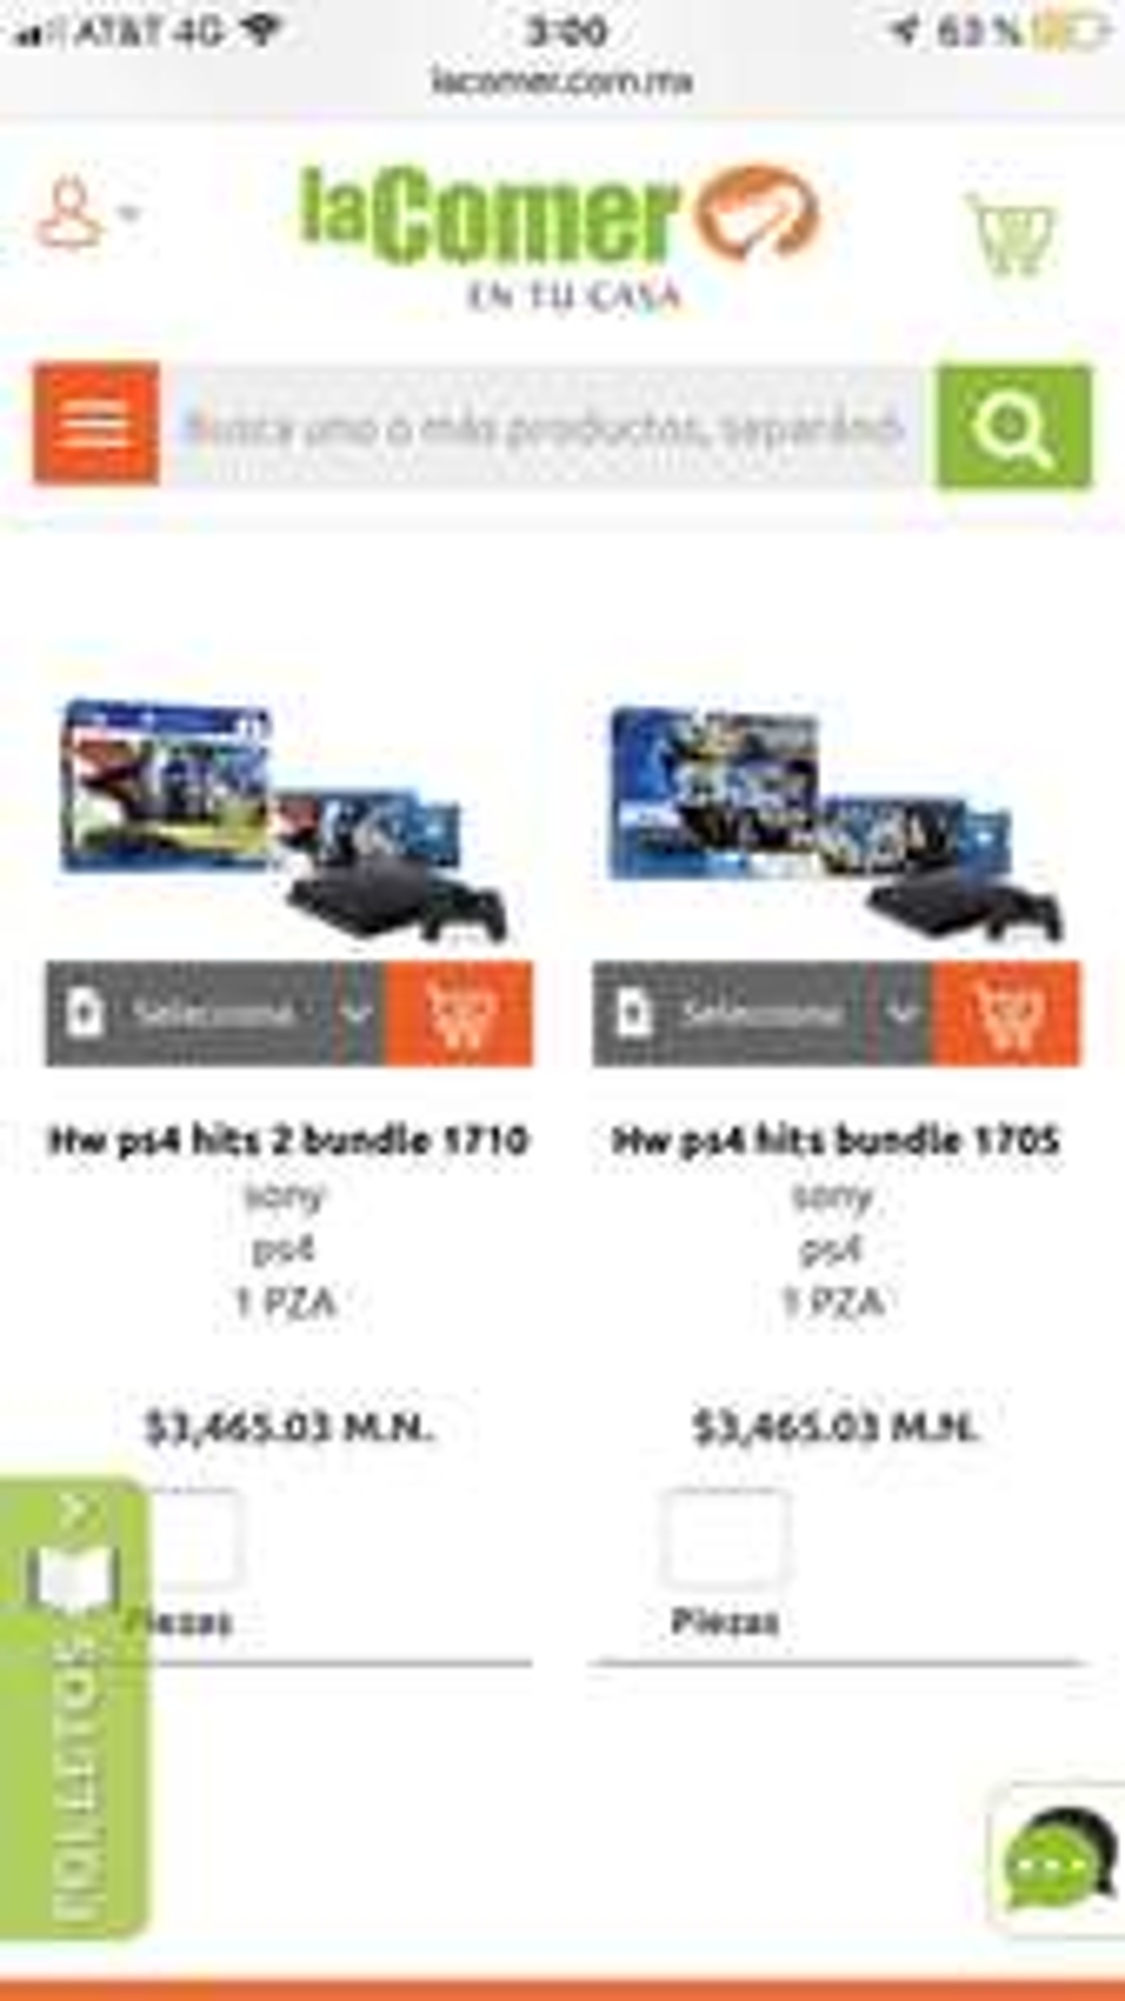 La Comer: Consolas de PS4 slim 500 gb bundle